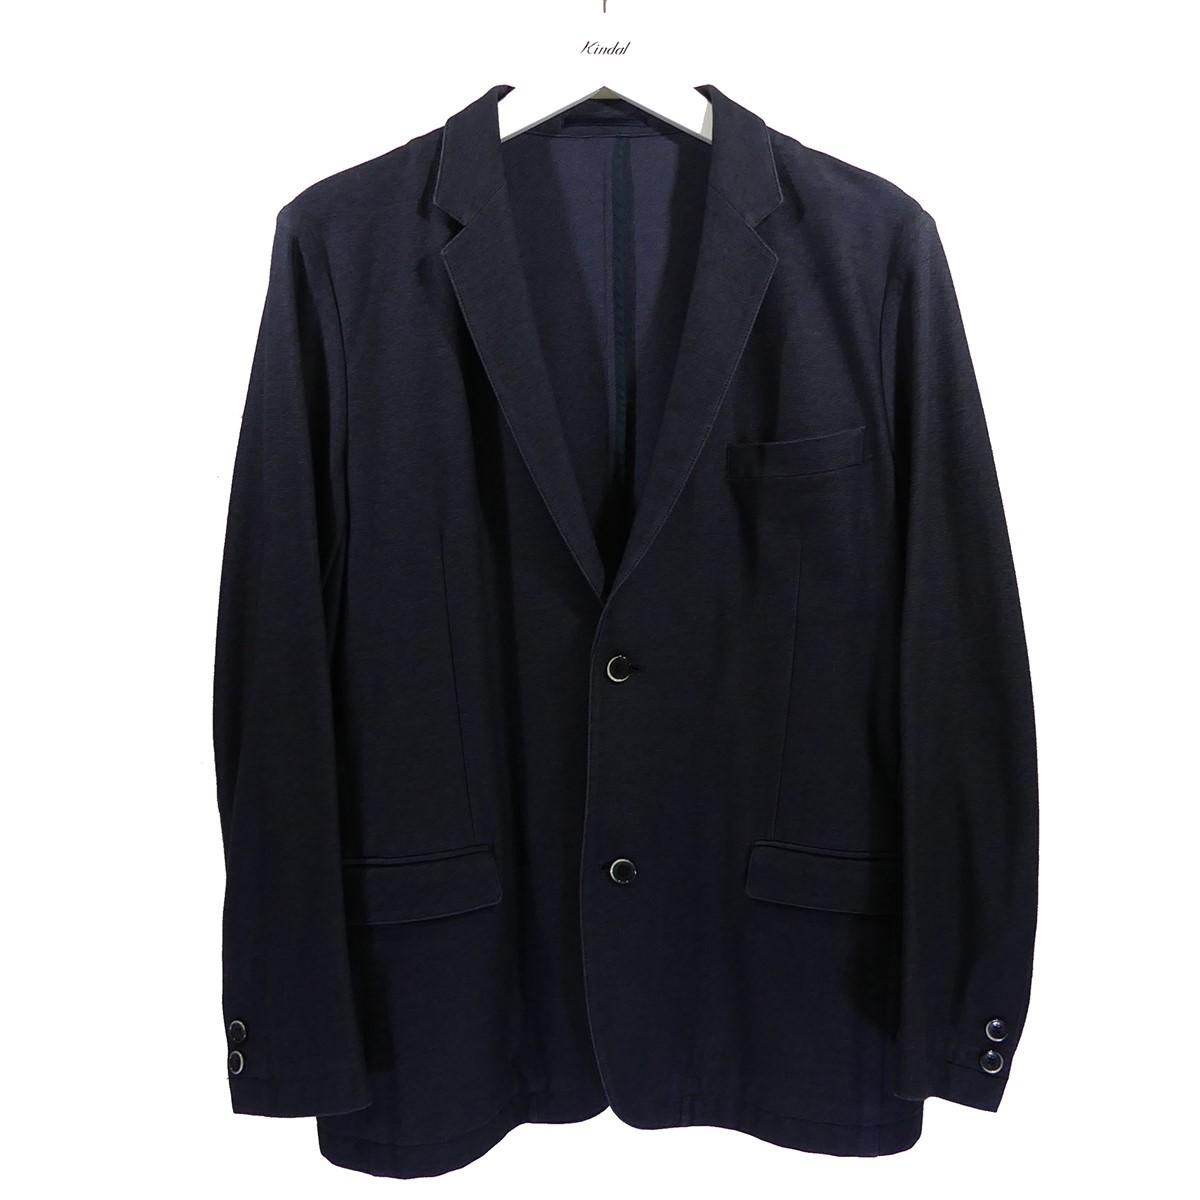 【中古】SOLIDO コットンジャージ テーラードジャケット ネイビー サイズ:04 【100720】(ソリード)